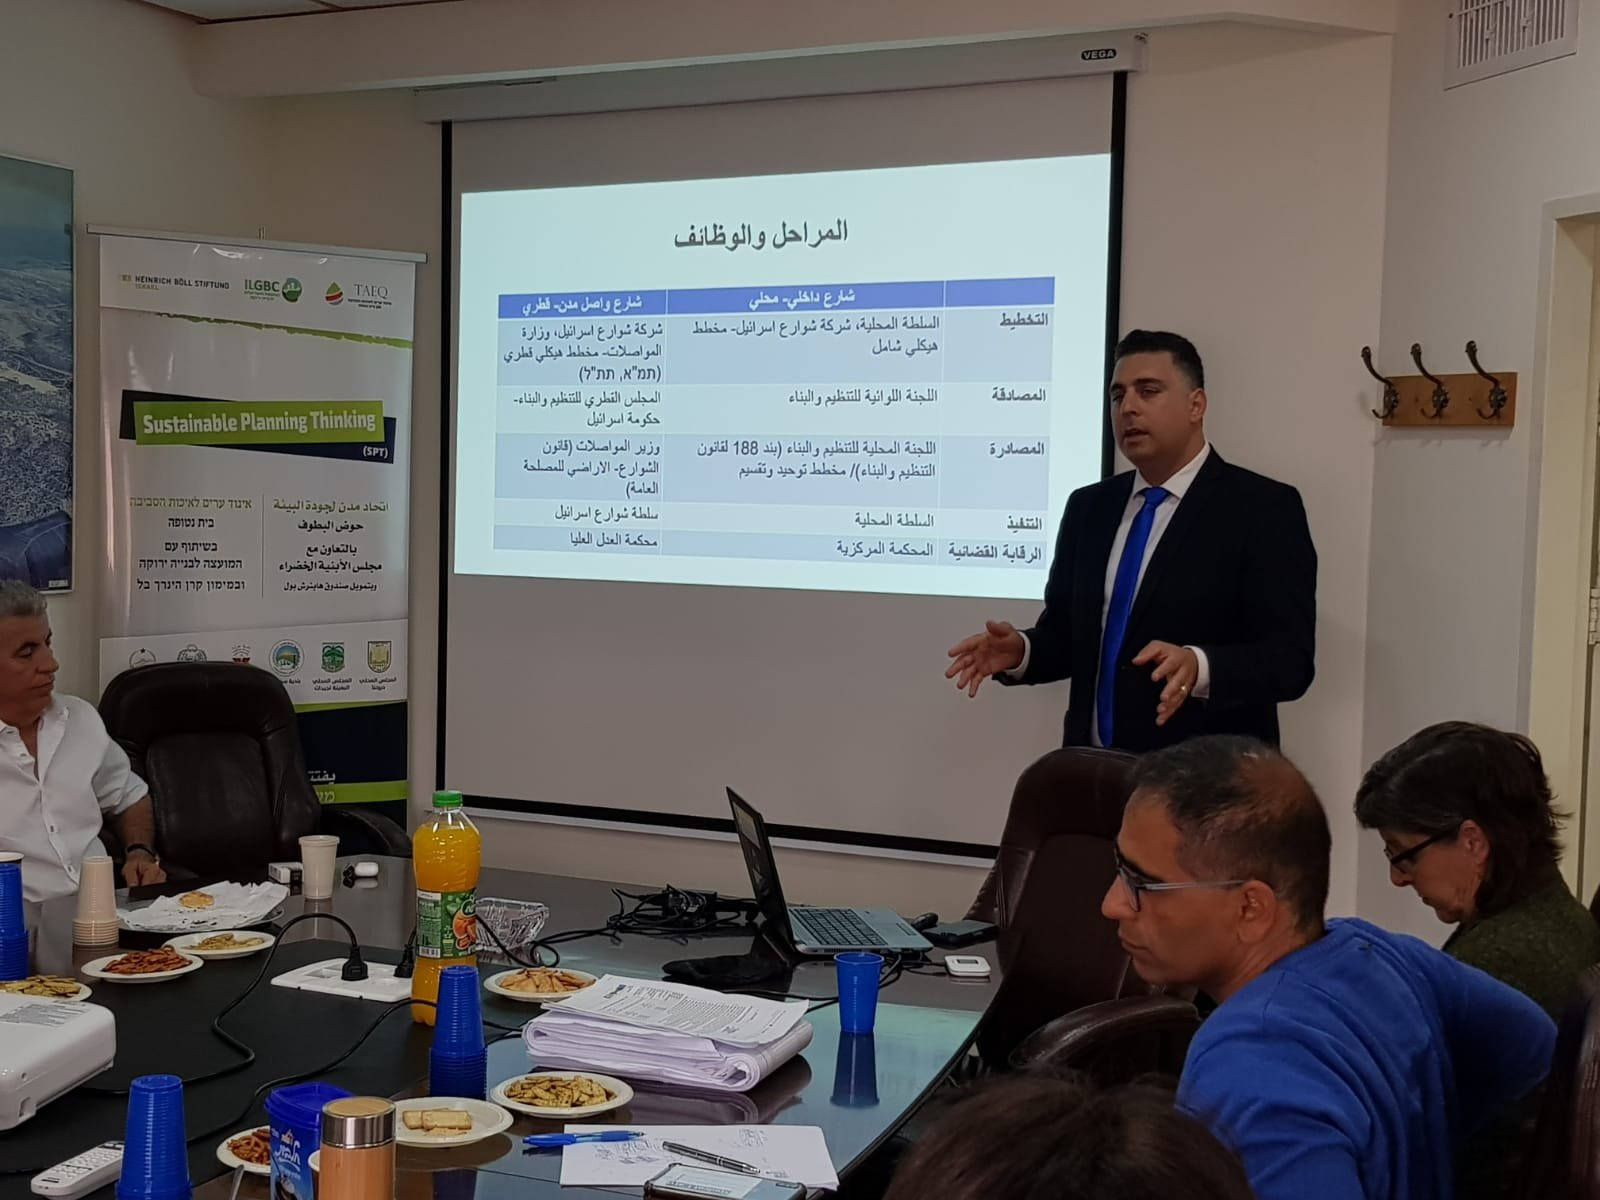 محاضرة للمحامي قيس ناصر عن تخطيط الشوارع في البلدات العربية